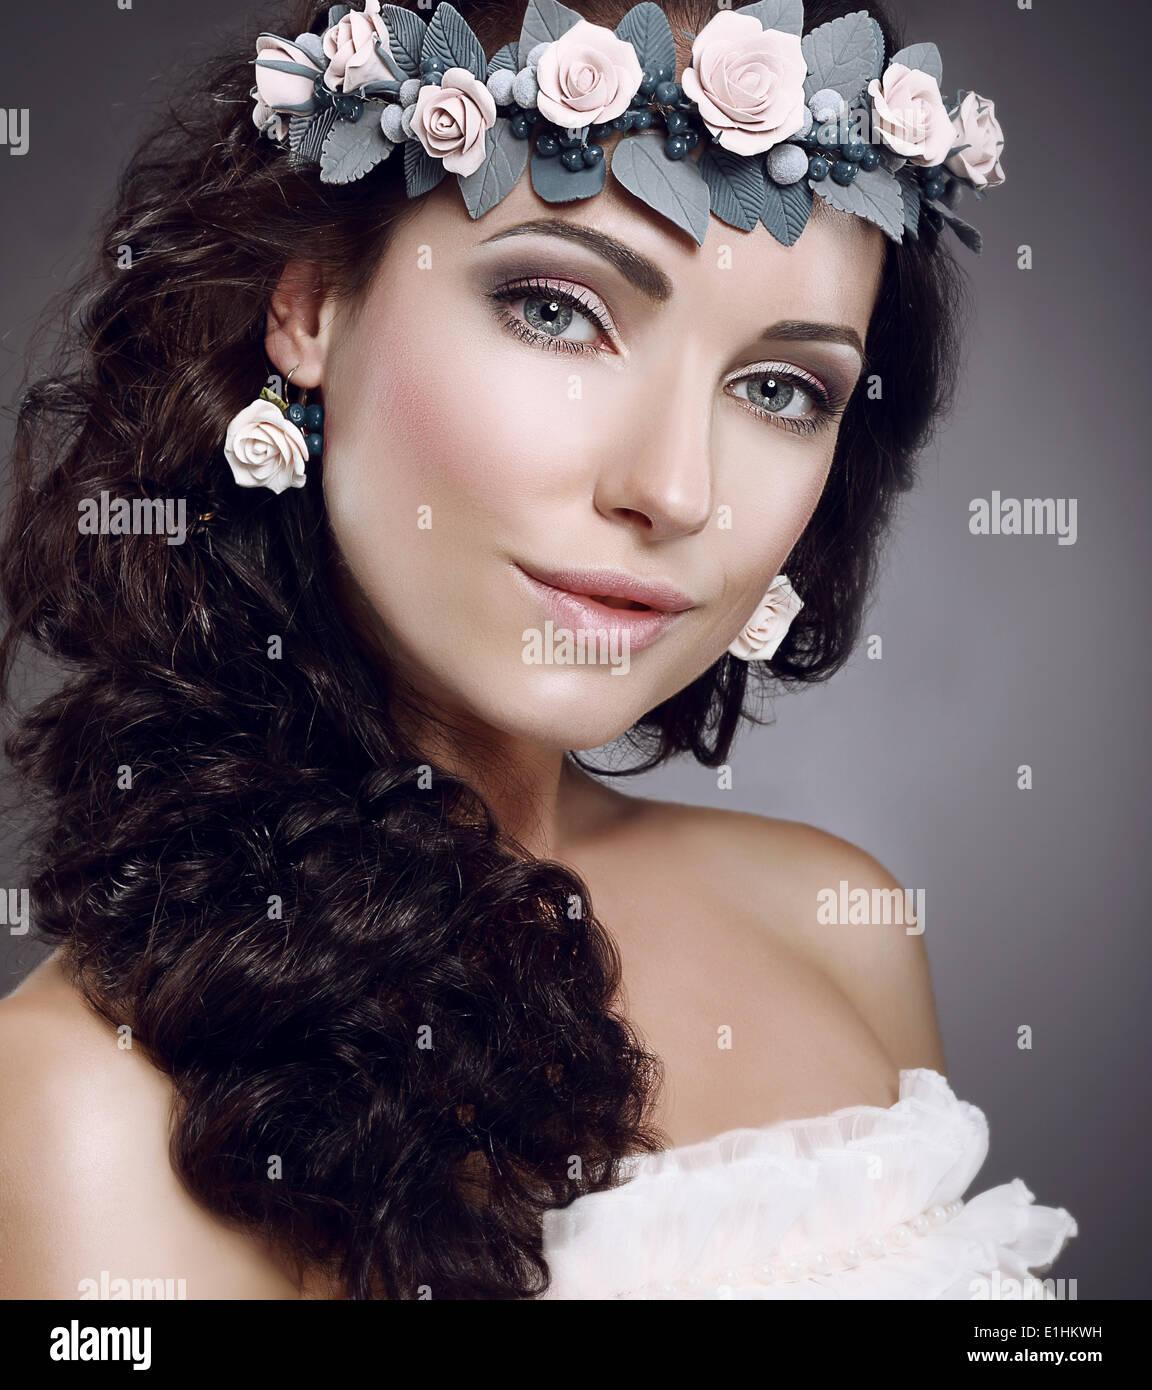 Atractivo. La perfección. Fascinante Cutie portando corona de flores Imagen De Stock